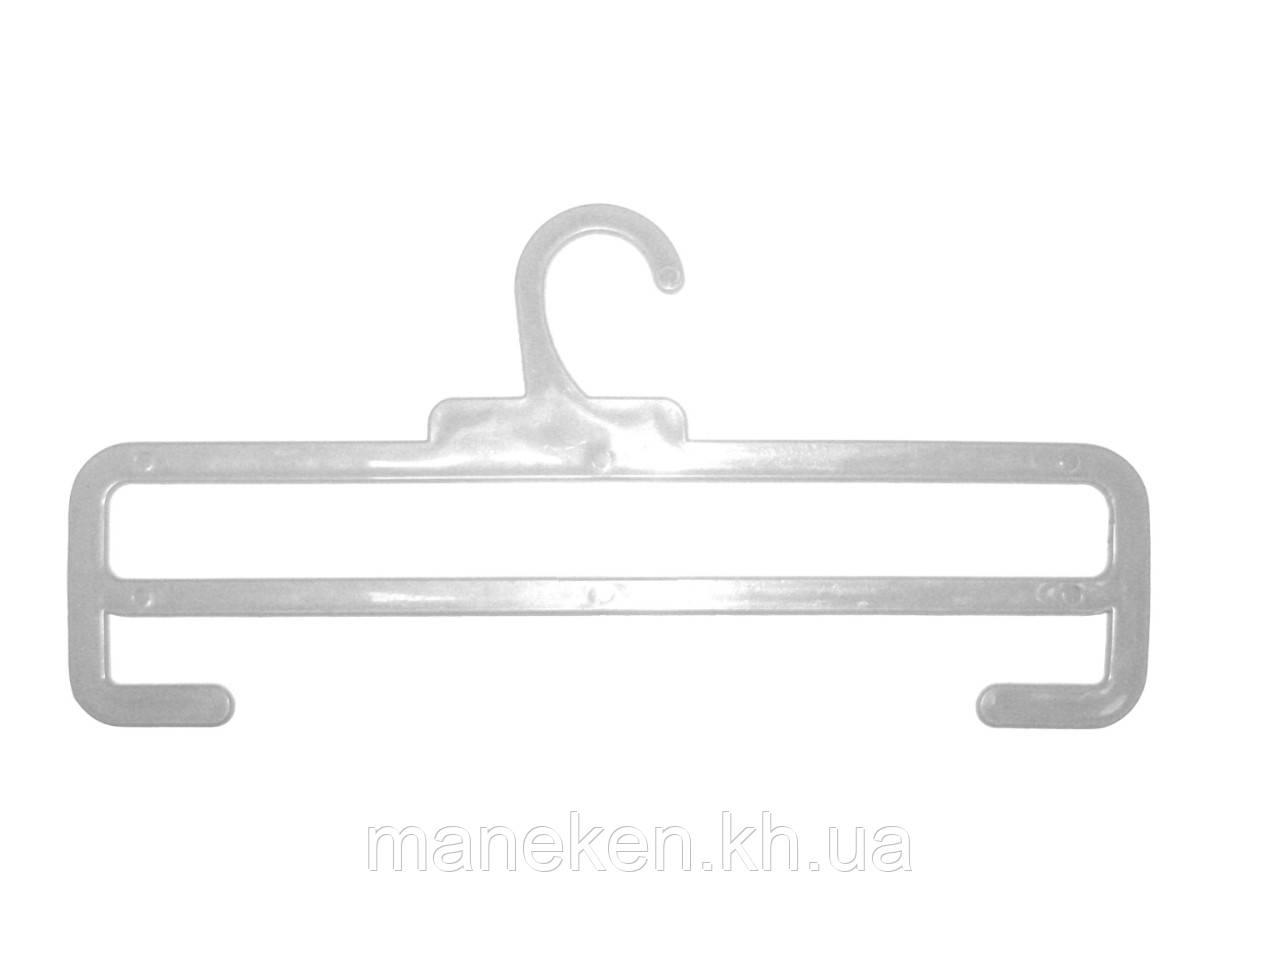 """Вешалка для шарфов TREMVERY """"ТШ-2К (35см)"""" прозрачная GPPS1"""